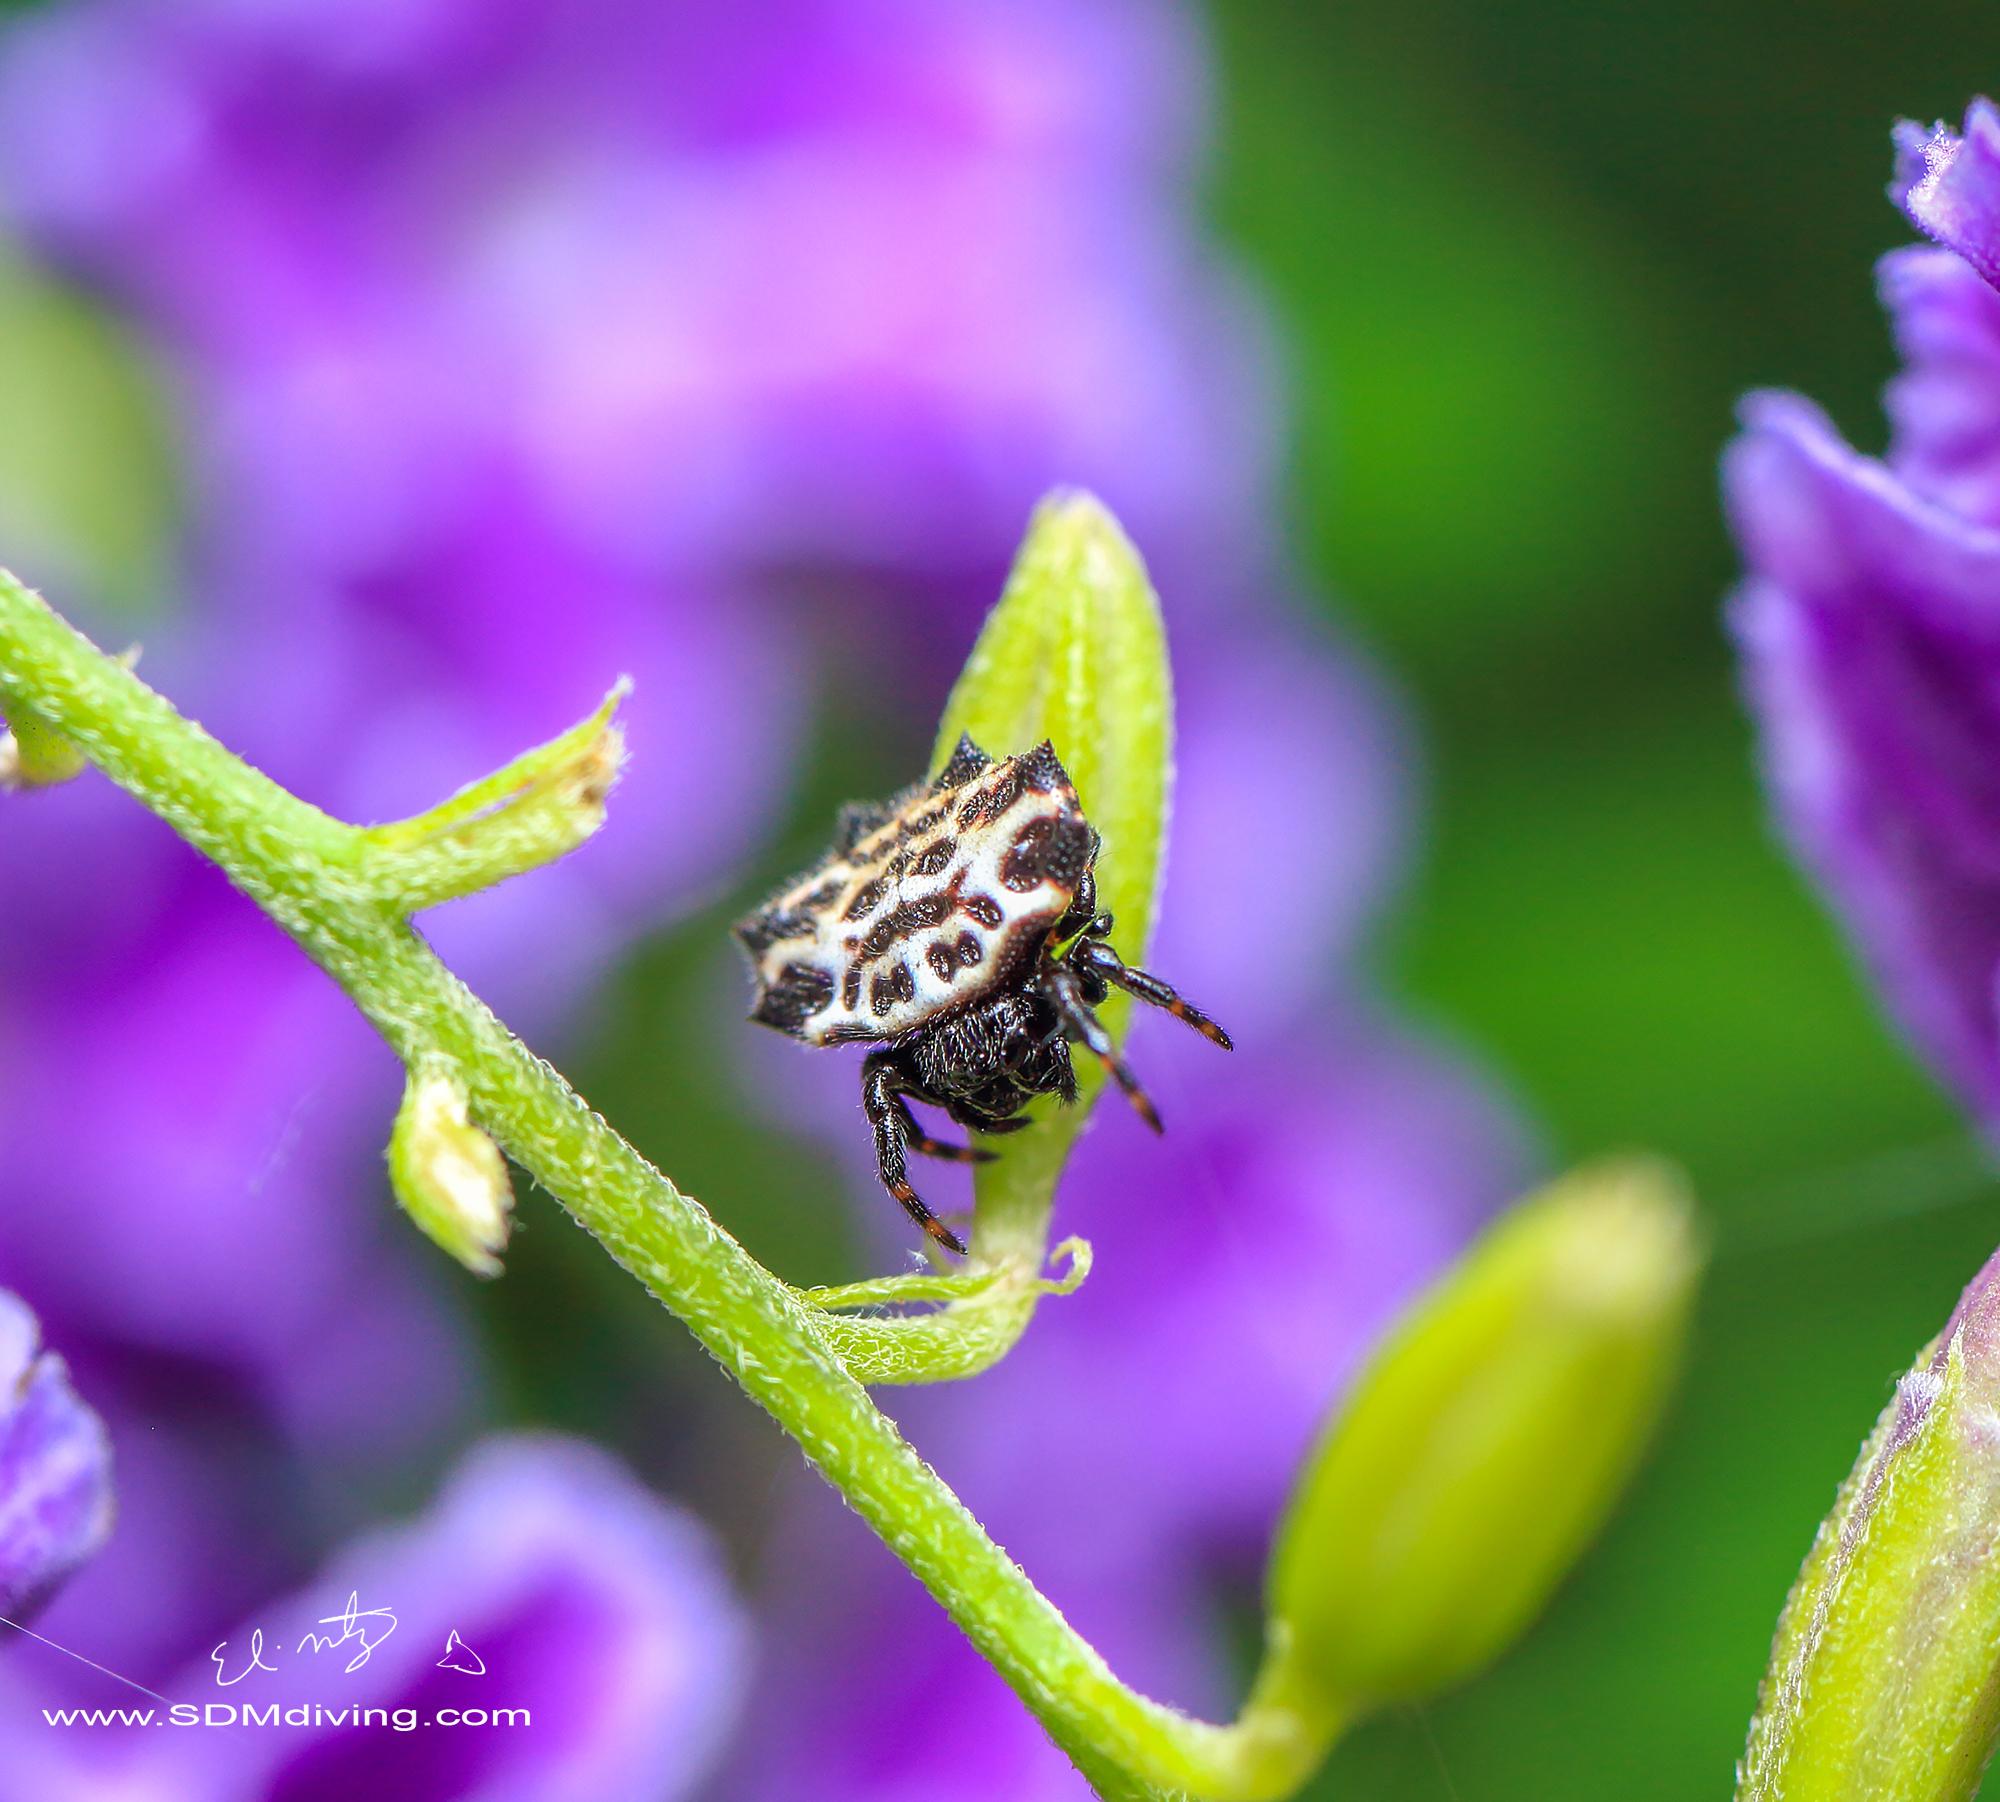 8. Star spider